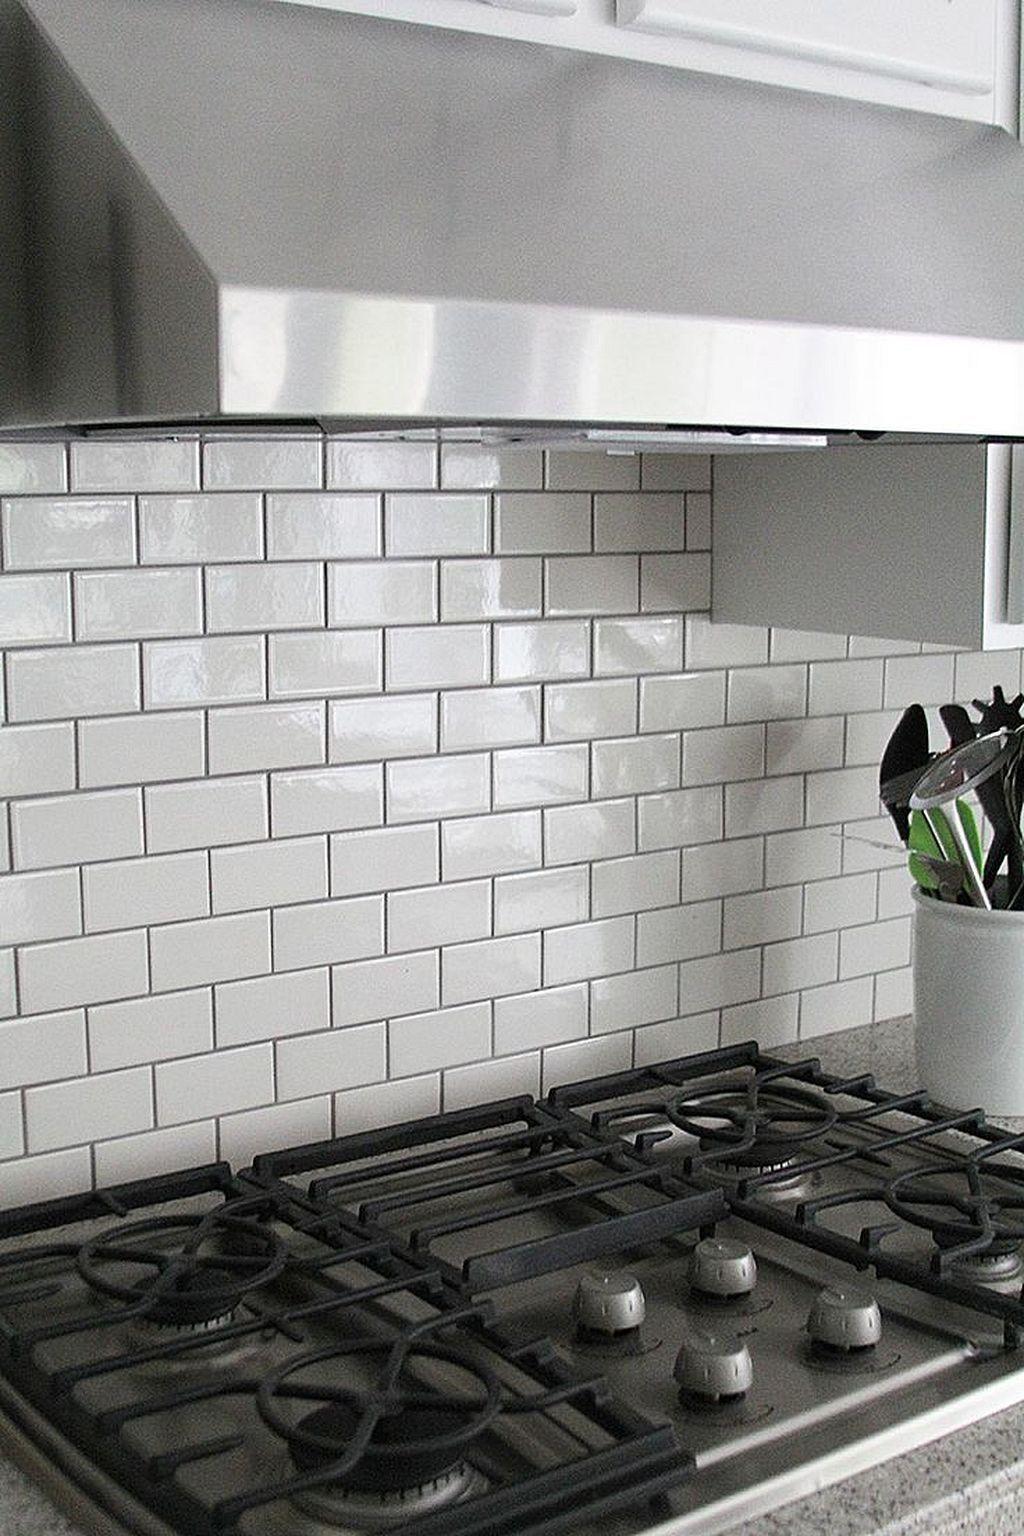 - Classy Subway Tile Backsplash For Kitchen Or Bathroom (24